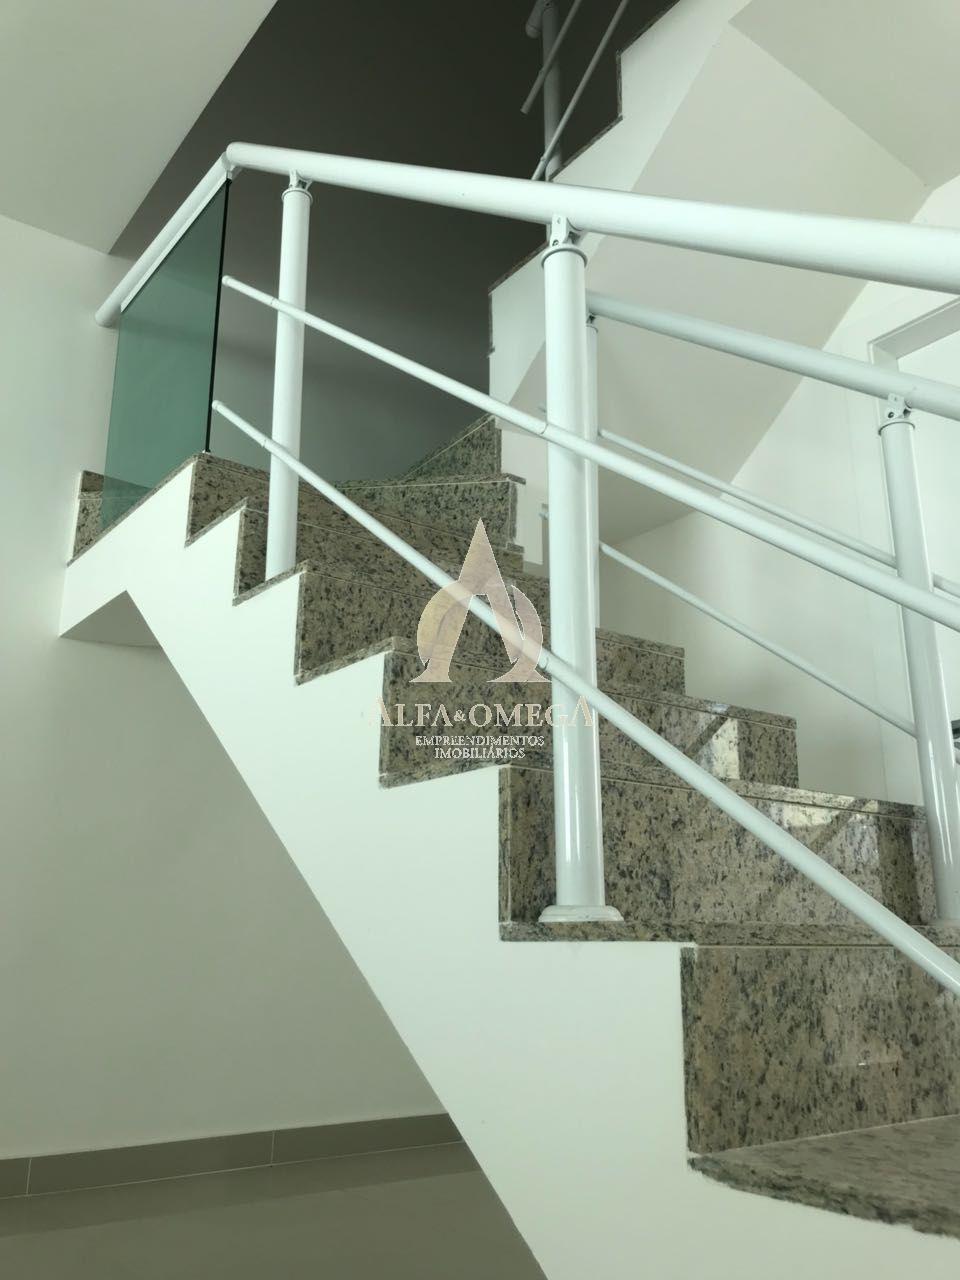 FOTO 5 - Casa 3 quartos à venda Taquara, Rio de Janeiro - R$ 452.000 - AOJ60015 - 5